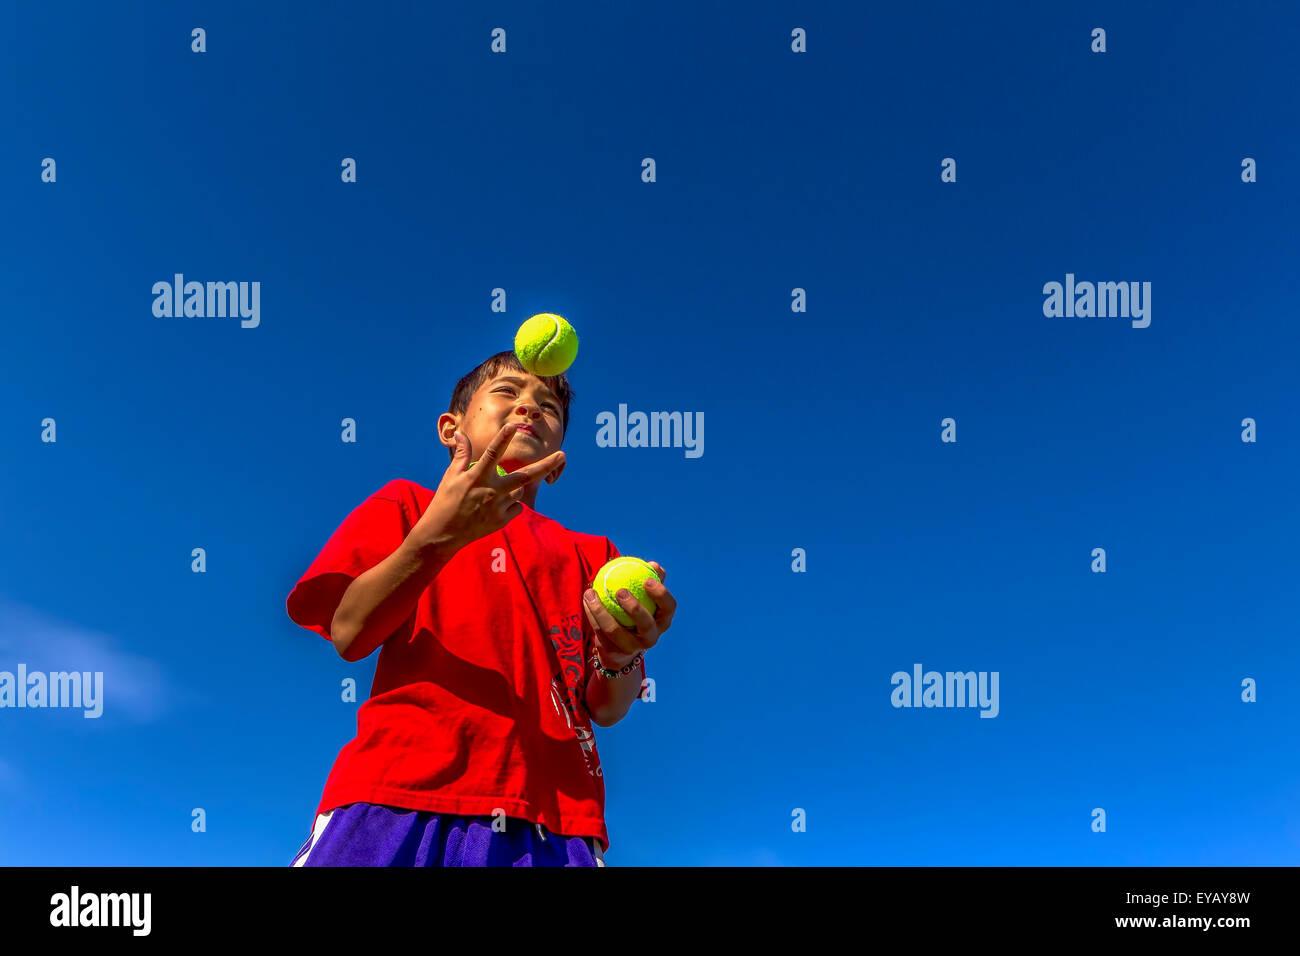 Fangen an zu jonglieren. Stockfoto